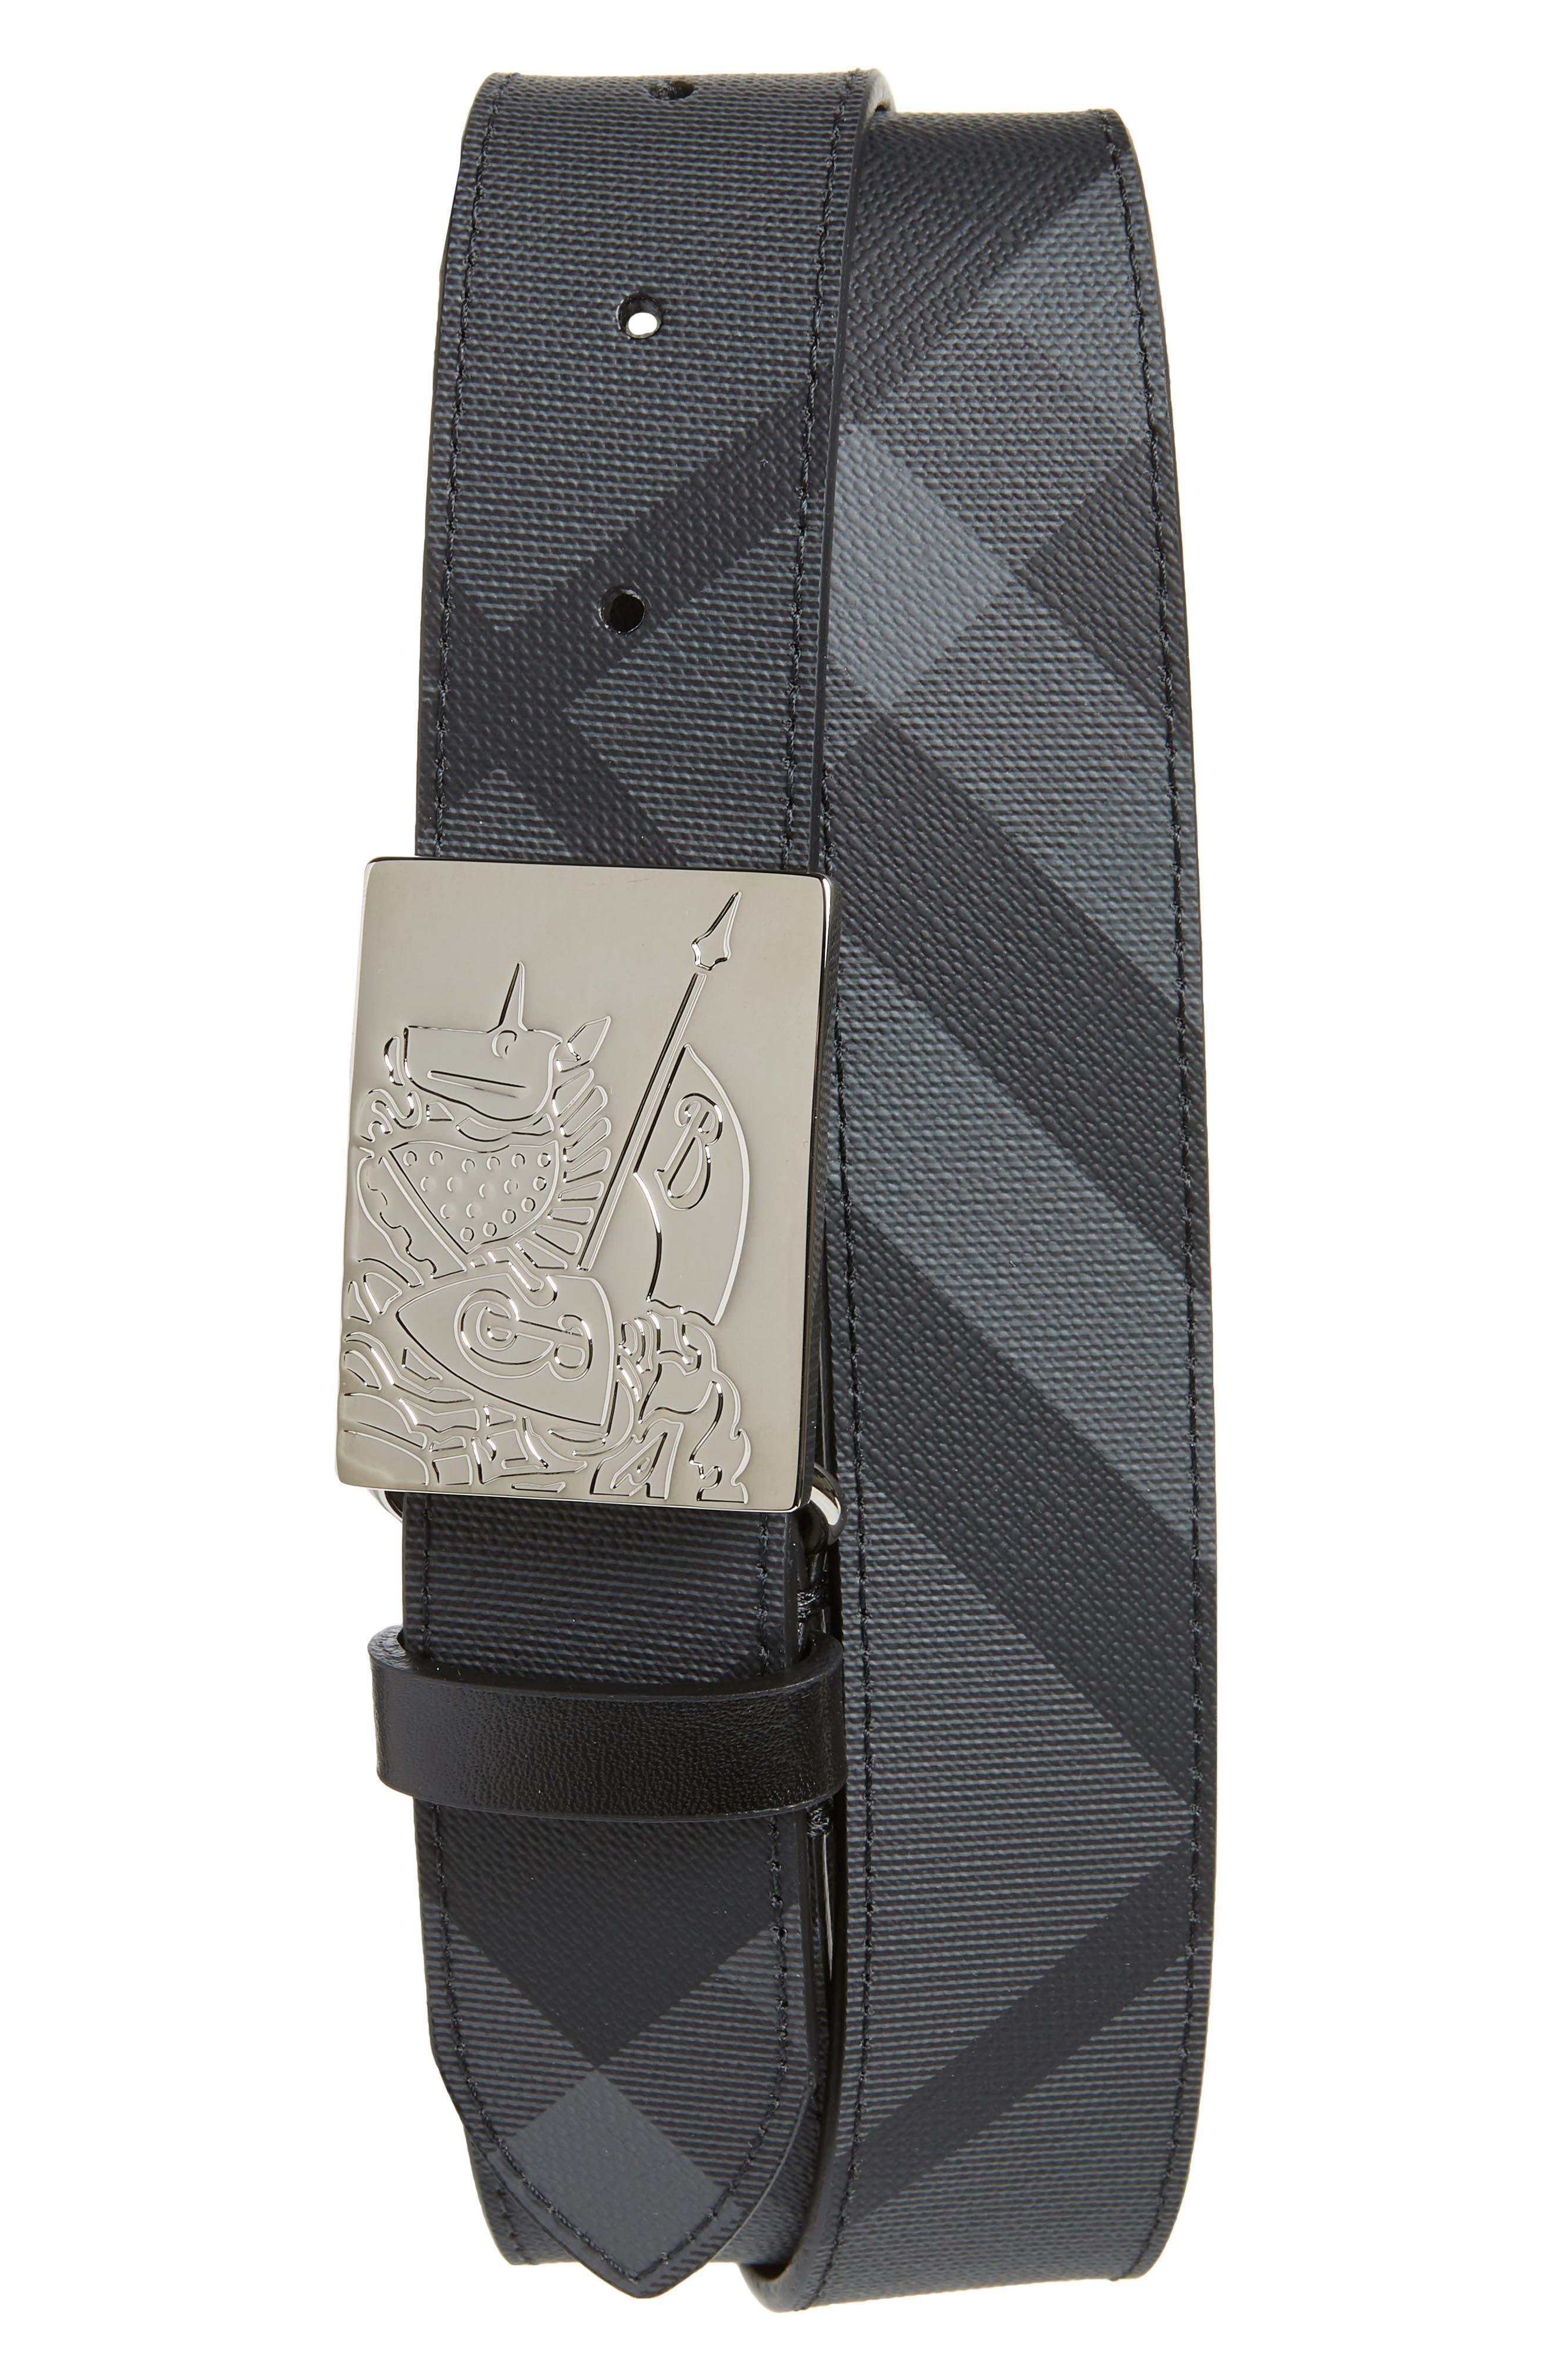 Luke Check Belt,                         Main,                         color, 020